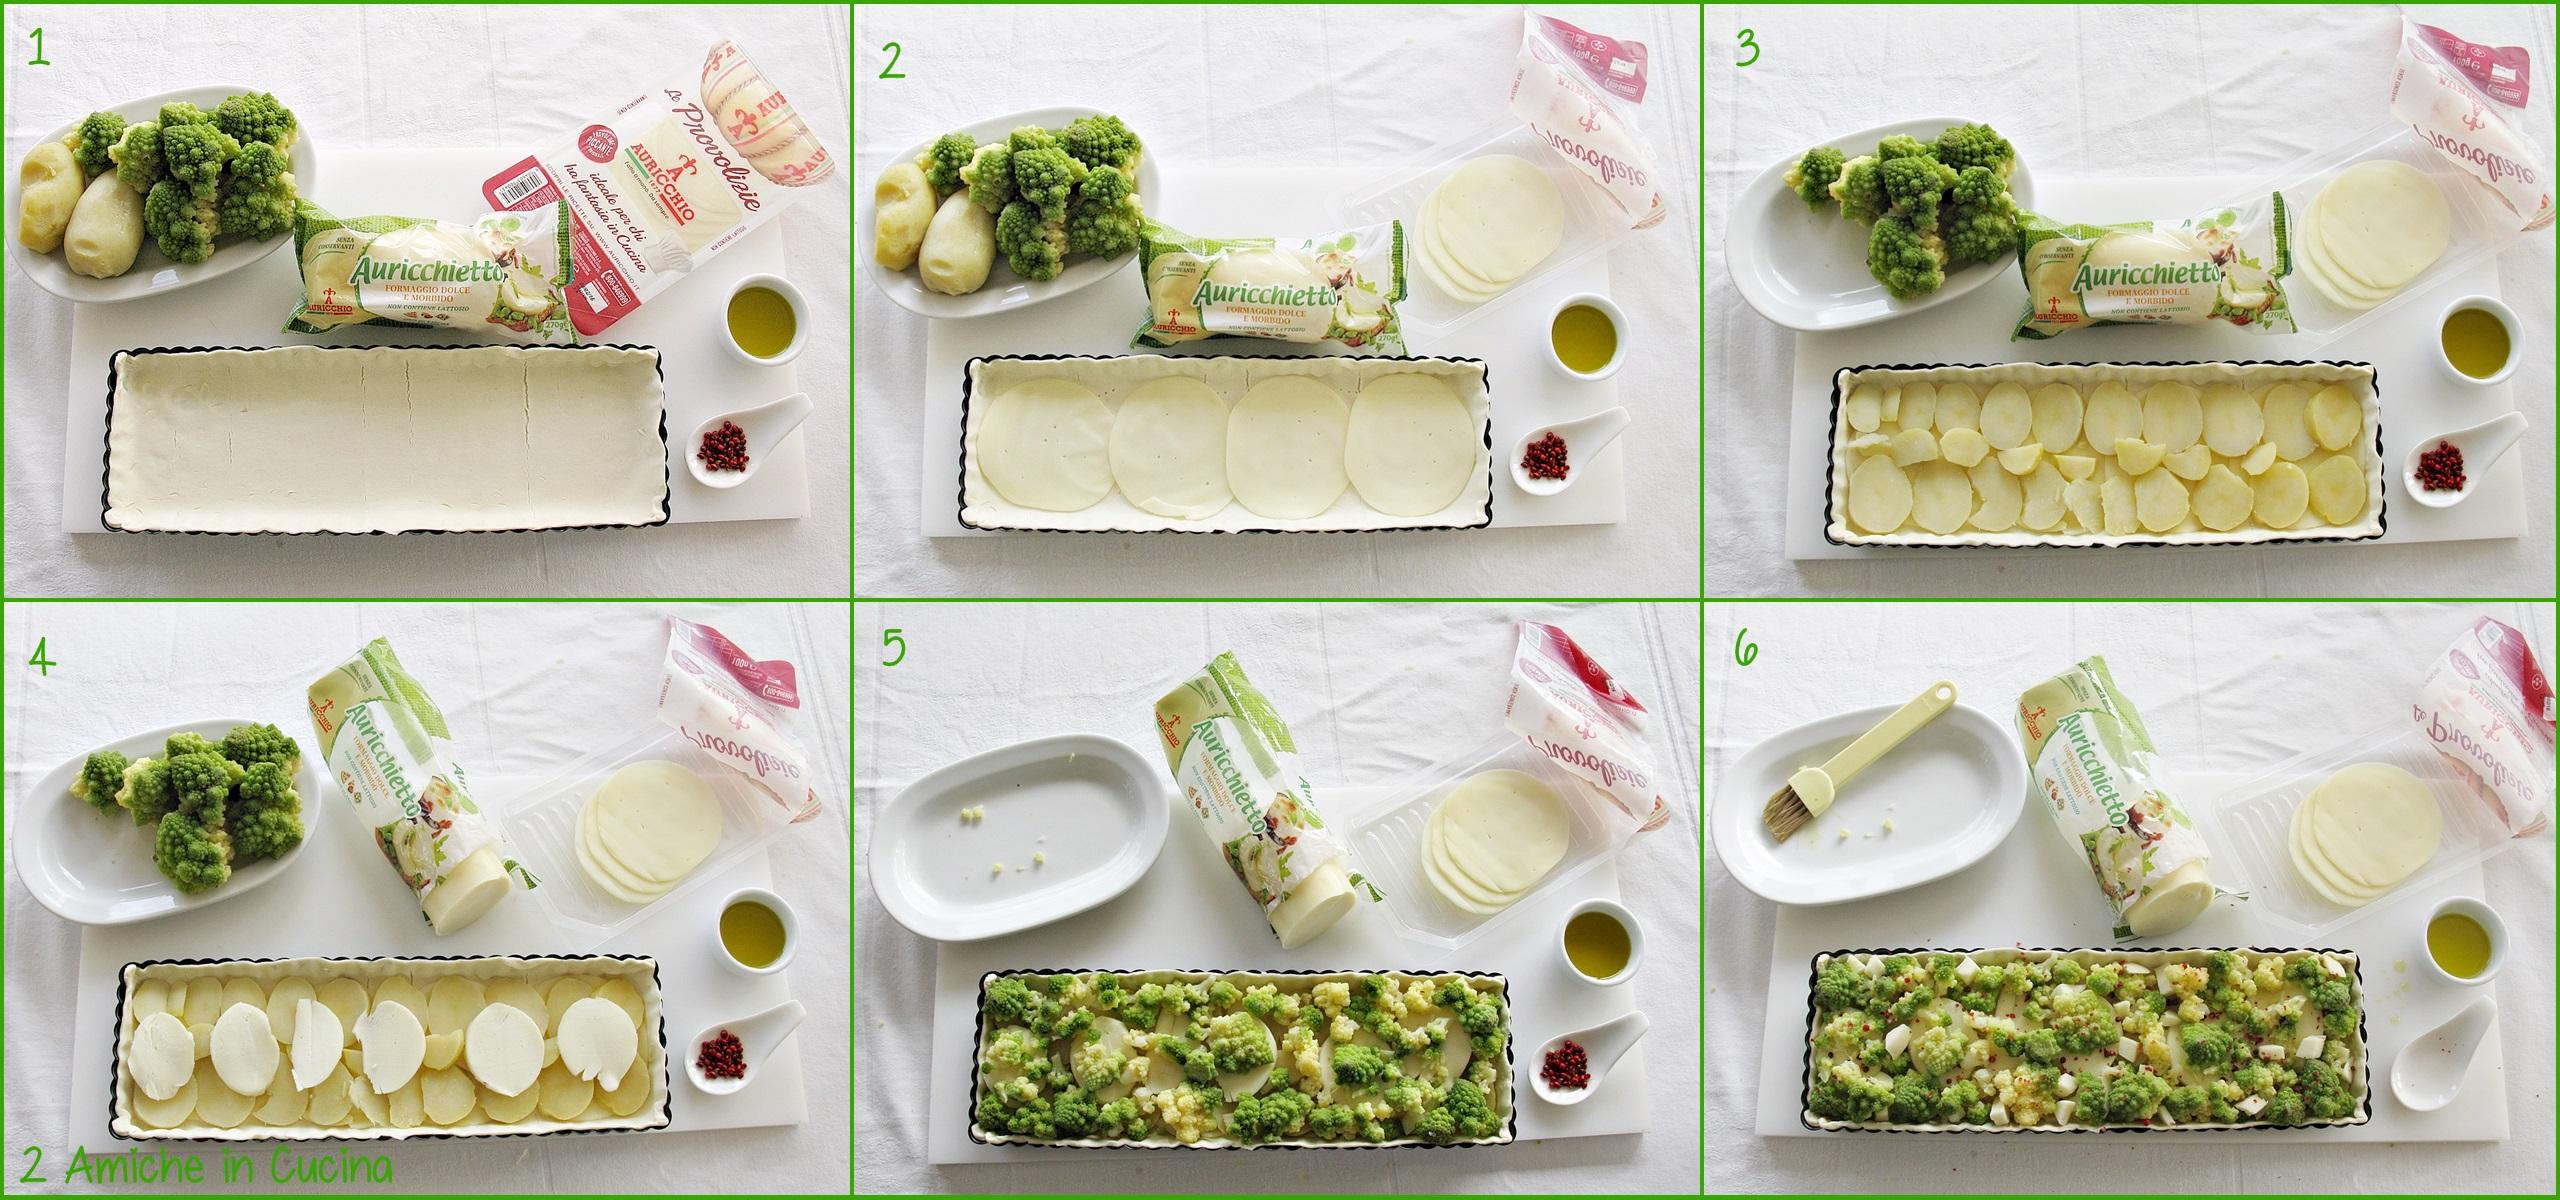 Torta salata con broccolo romano, patate e Auricchio preparazione passo passo